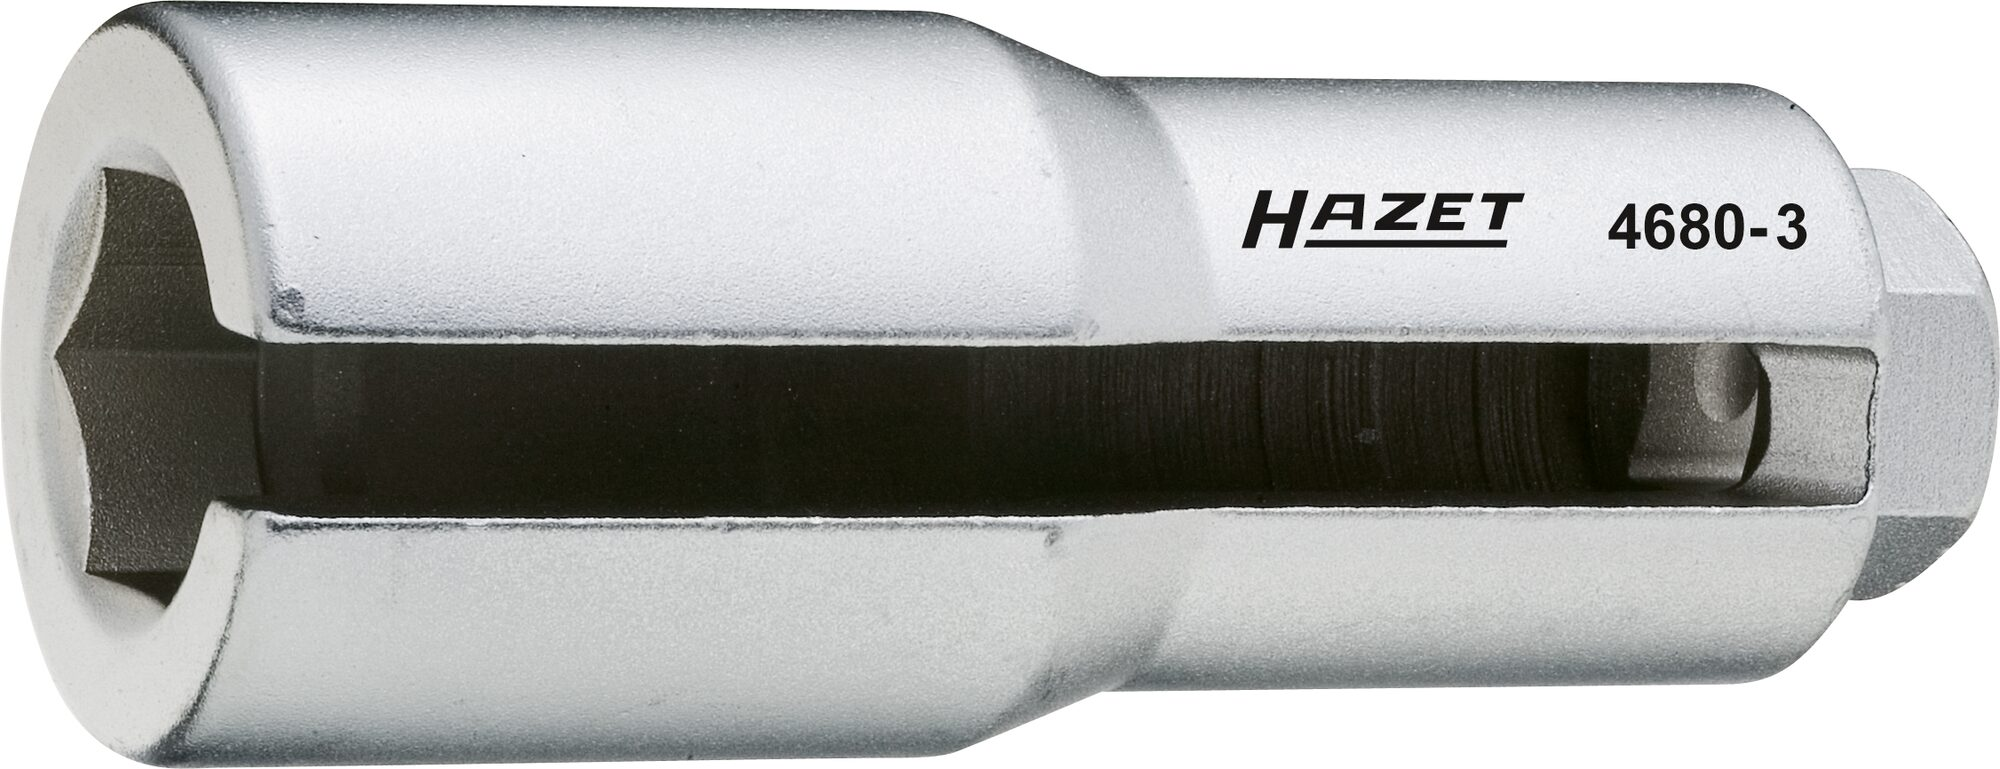 HAZET Lambda-Sonden Einsatz 4680-3 ∙ Vierkant hohl 12,5 mm (1/2 Zoll) ∙ Außen-Sechskant Profil ∙ 22 mm